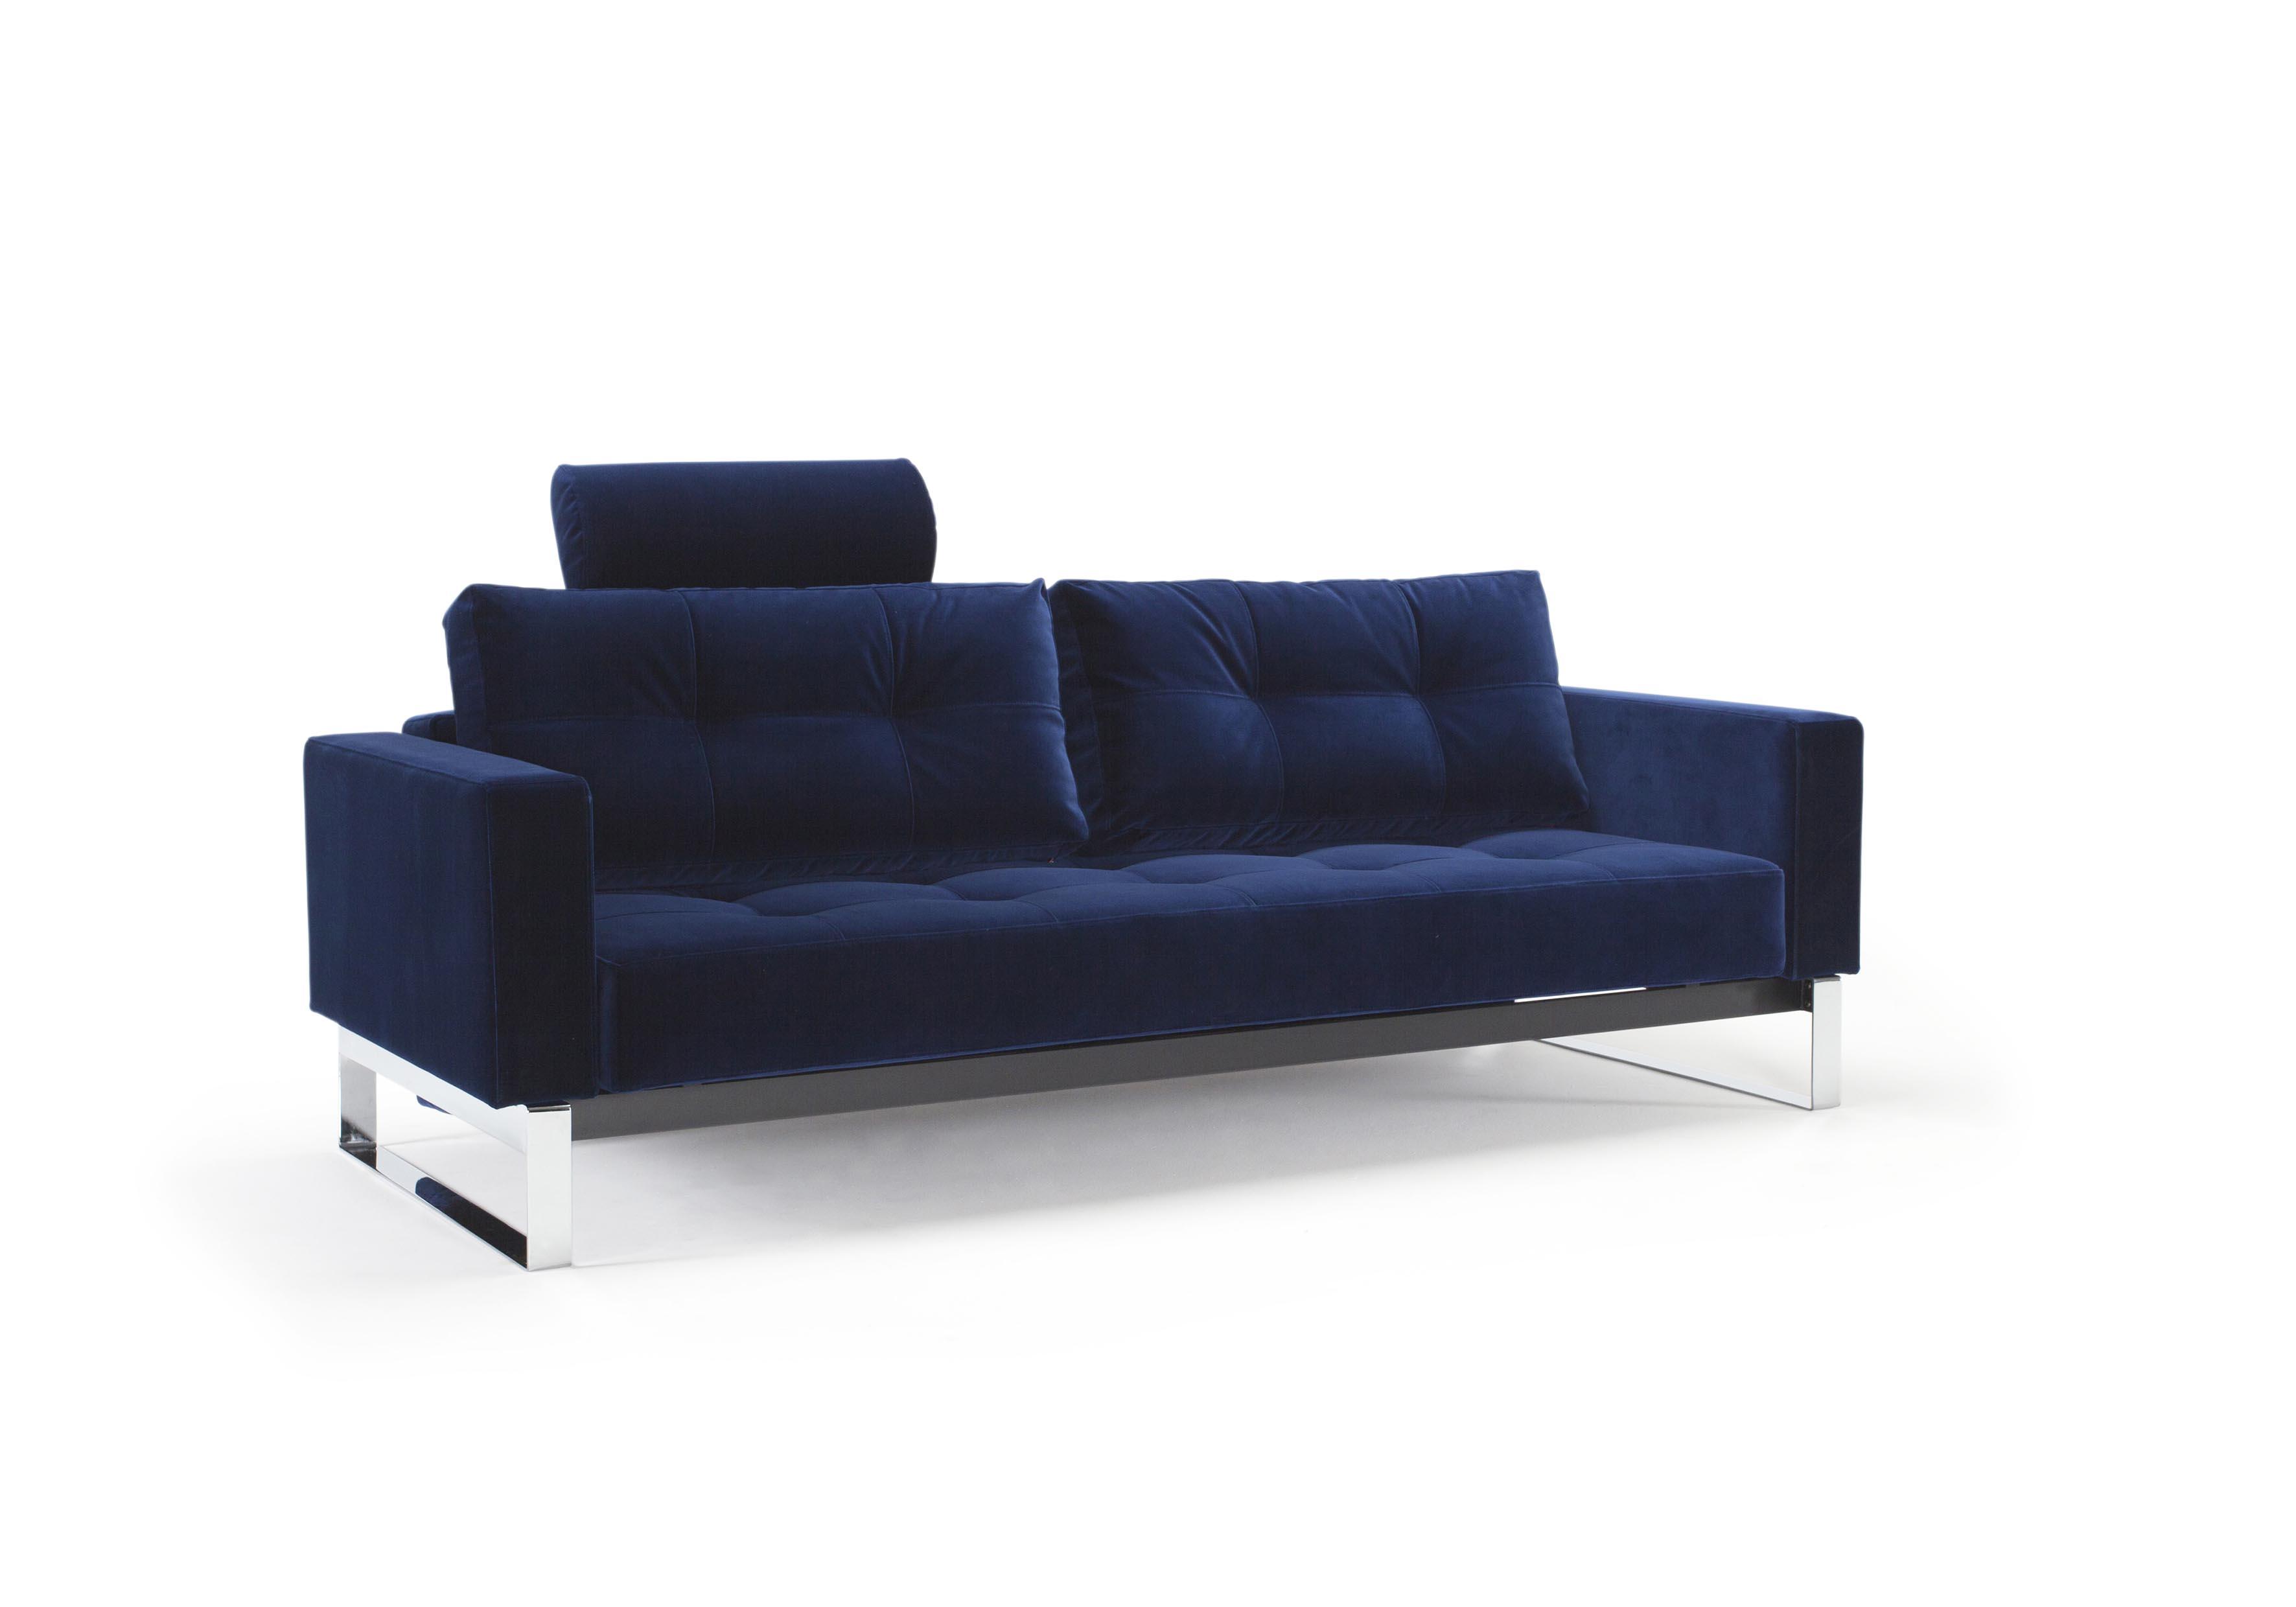 Cassius velvet sofa bed full size vintage velvet blue by for Sofa bed name